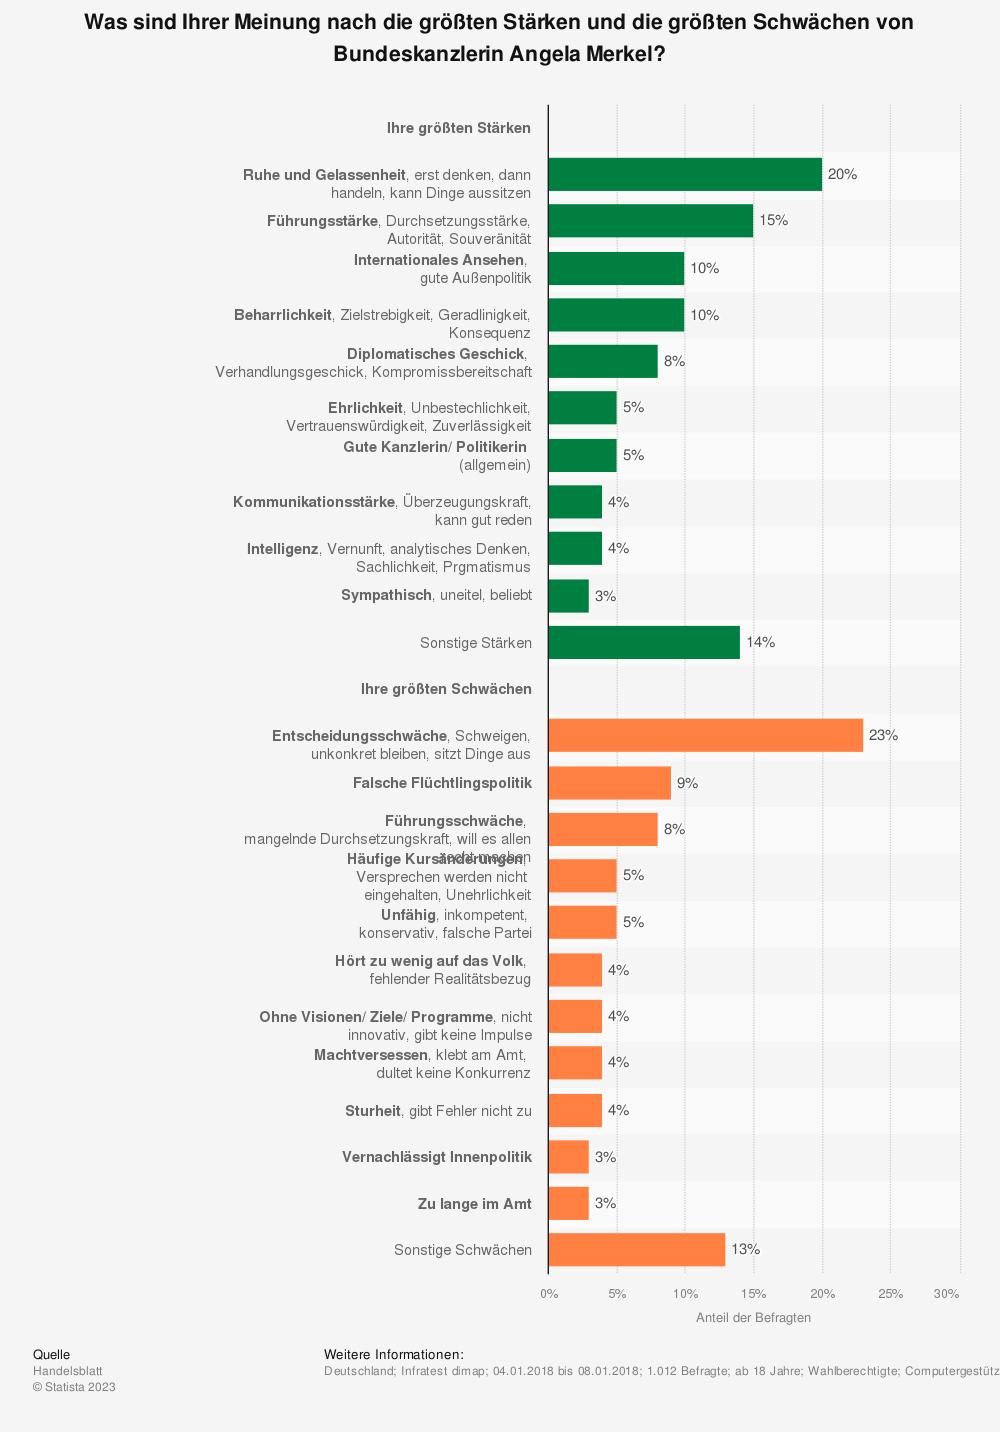 Statistik: Was sind Ihrer Meinung nach die größten Stärken und die größten Schwächen von Bundeskanzlerin Angela Merkel? | Statista